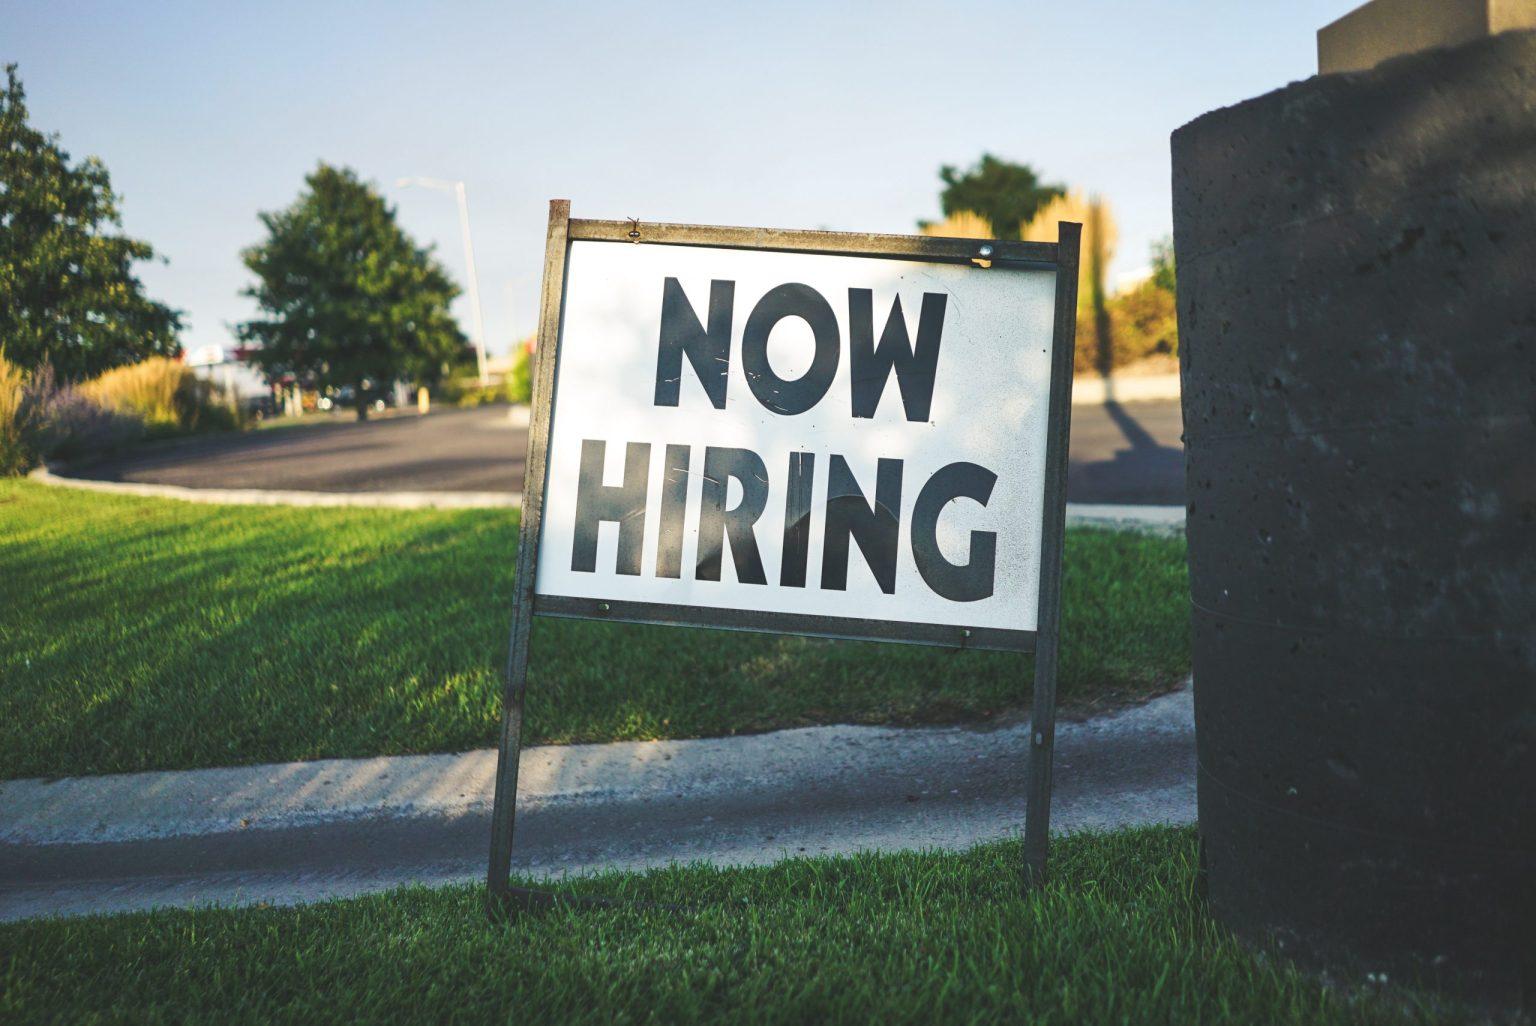 Он-лайн маркетинг при намиране на кандидати за работа - https://www.mid-point.eu/bpartners